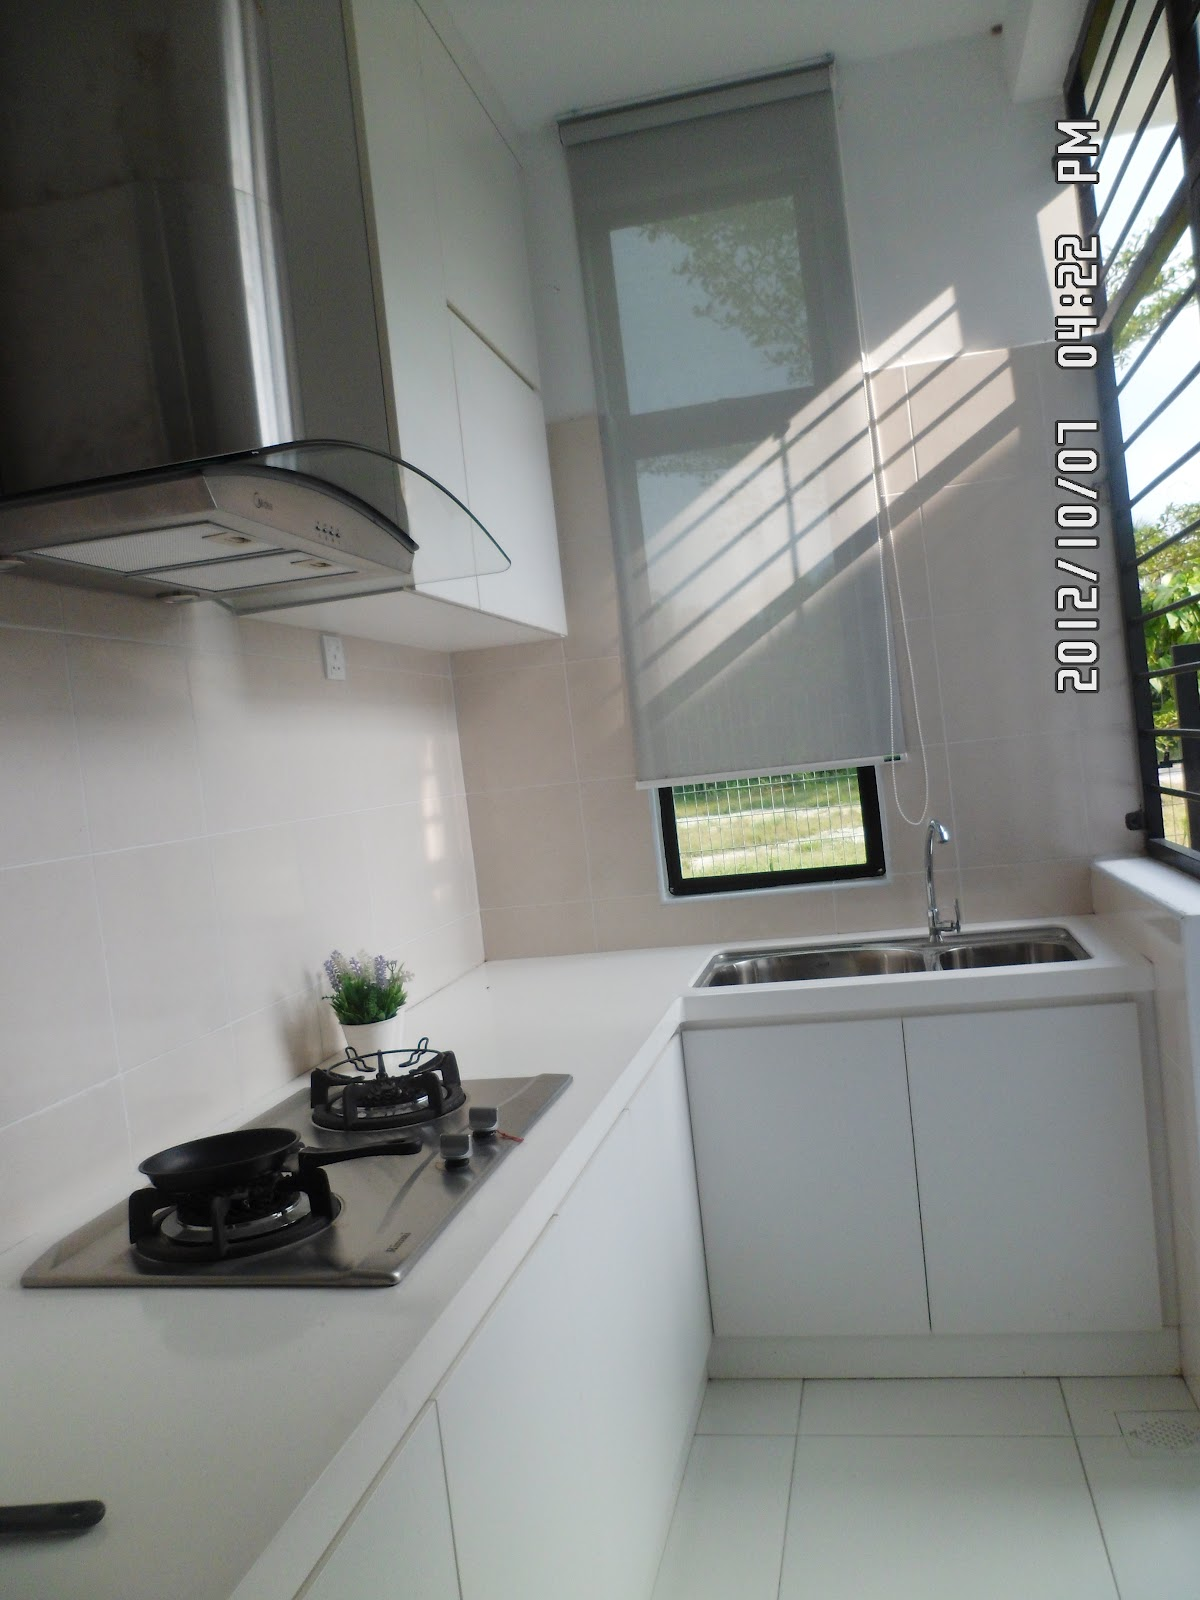 Ruang Dapur Basah Belakang Rumah